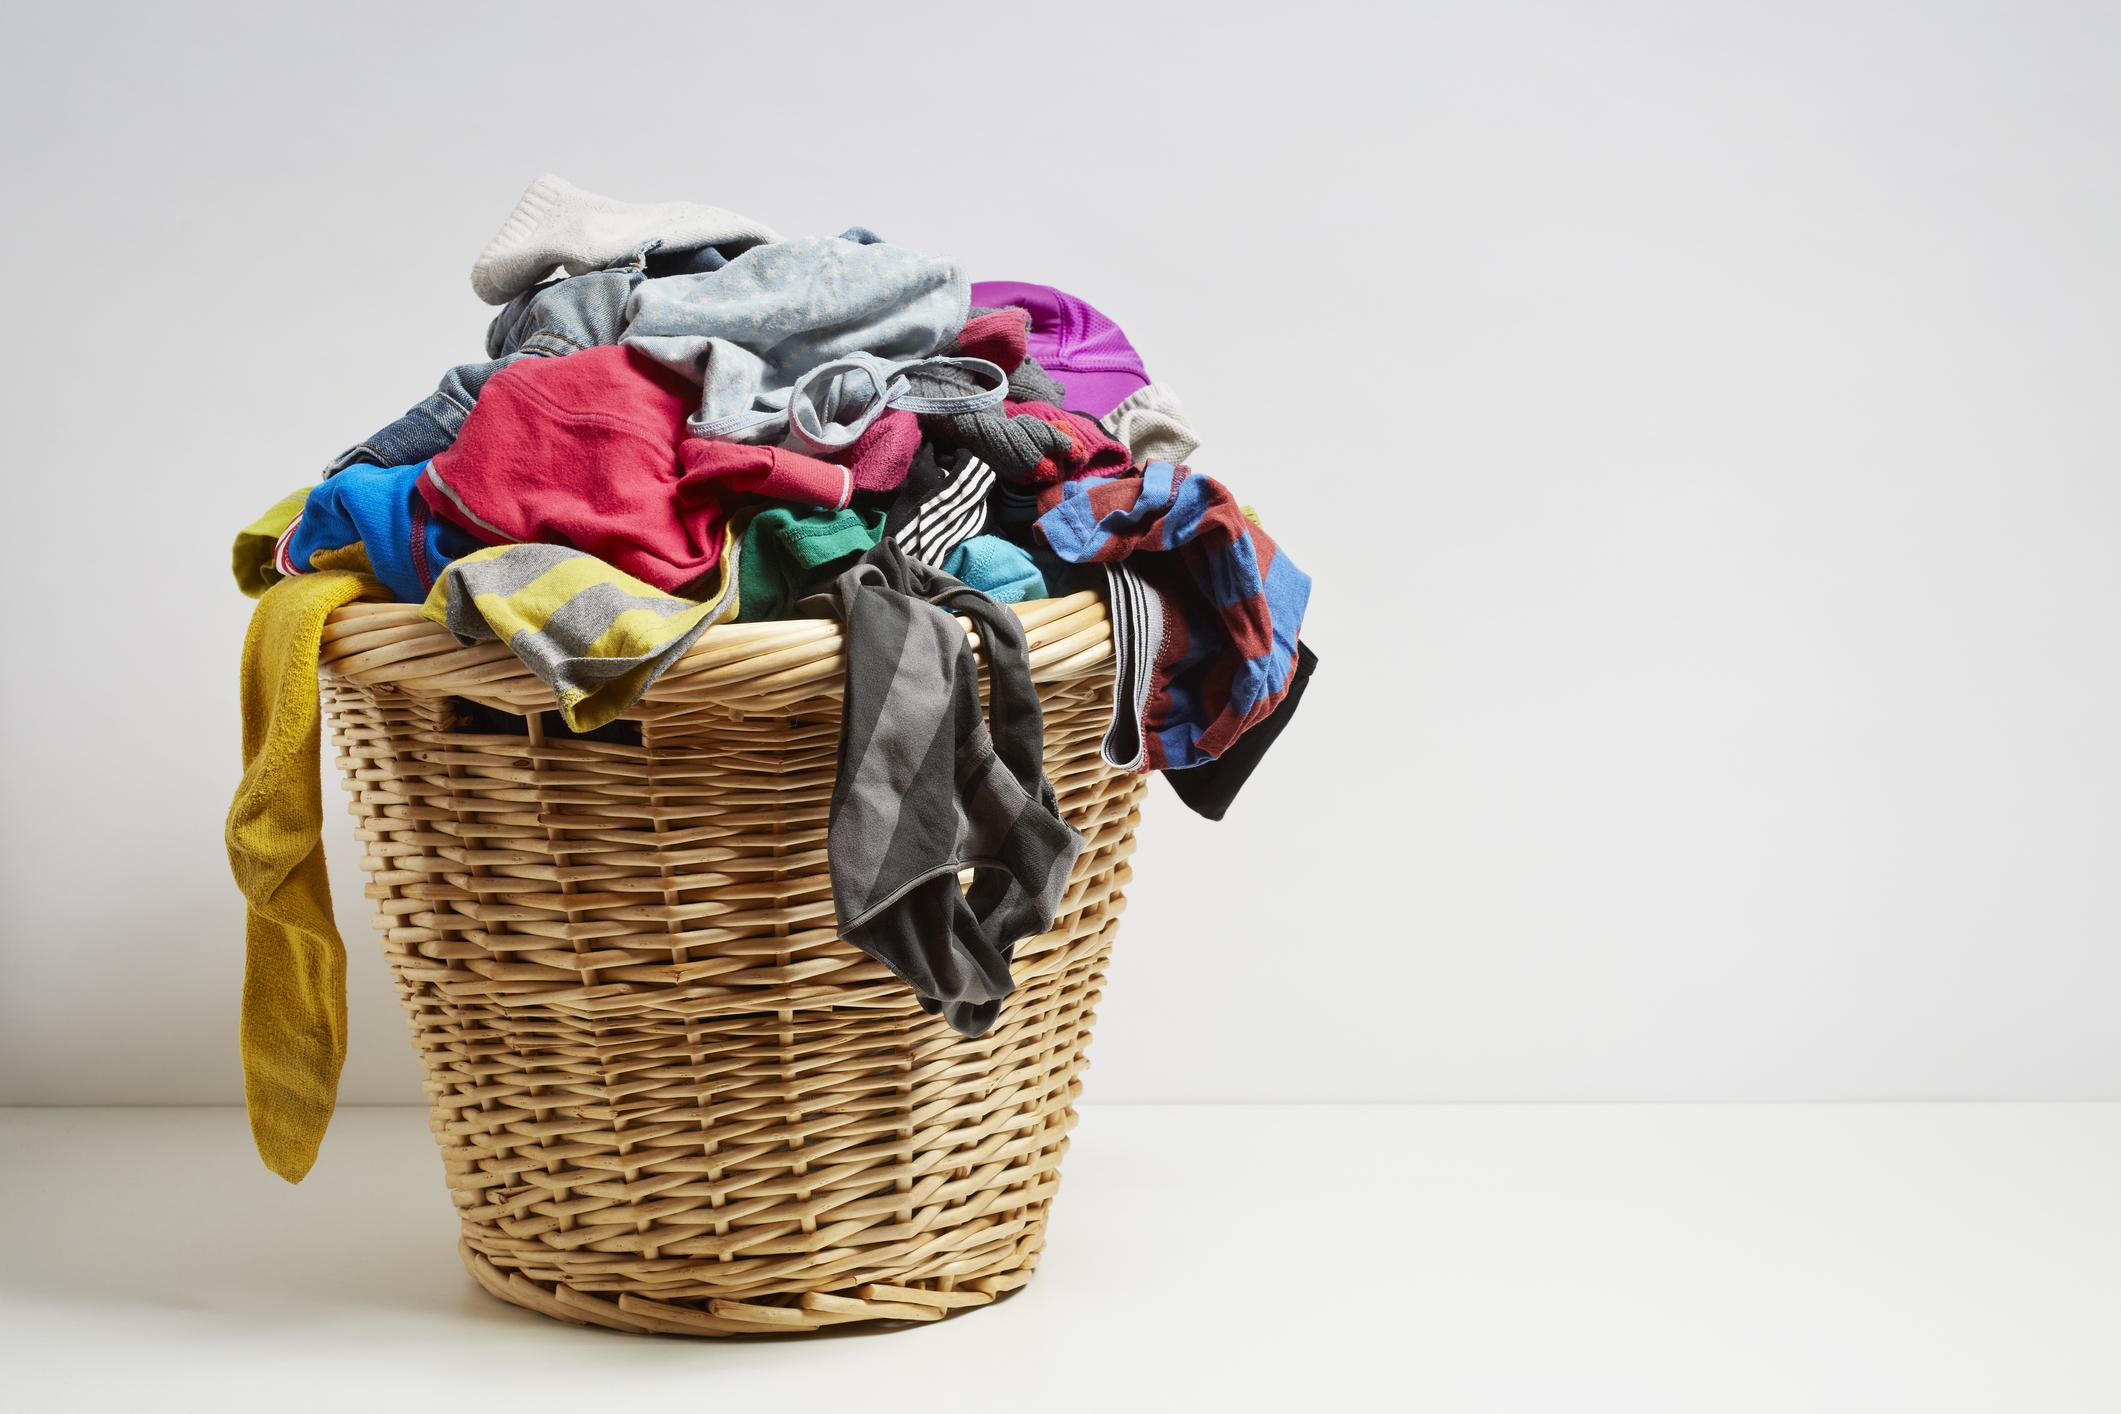 Basket full of socks